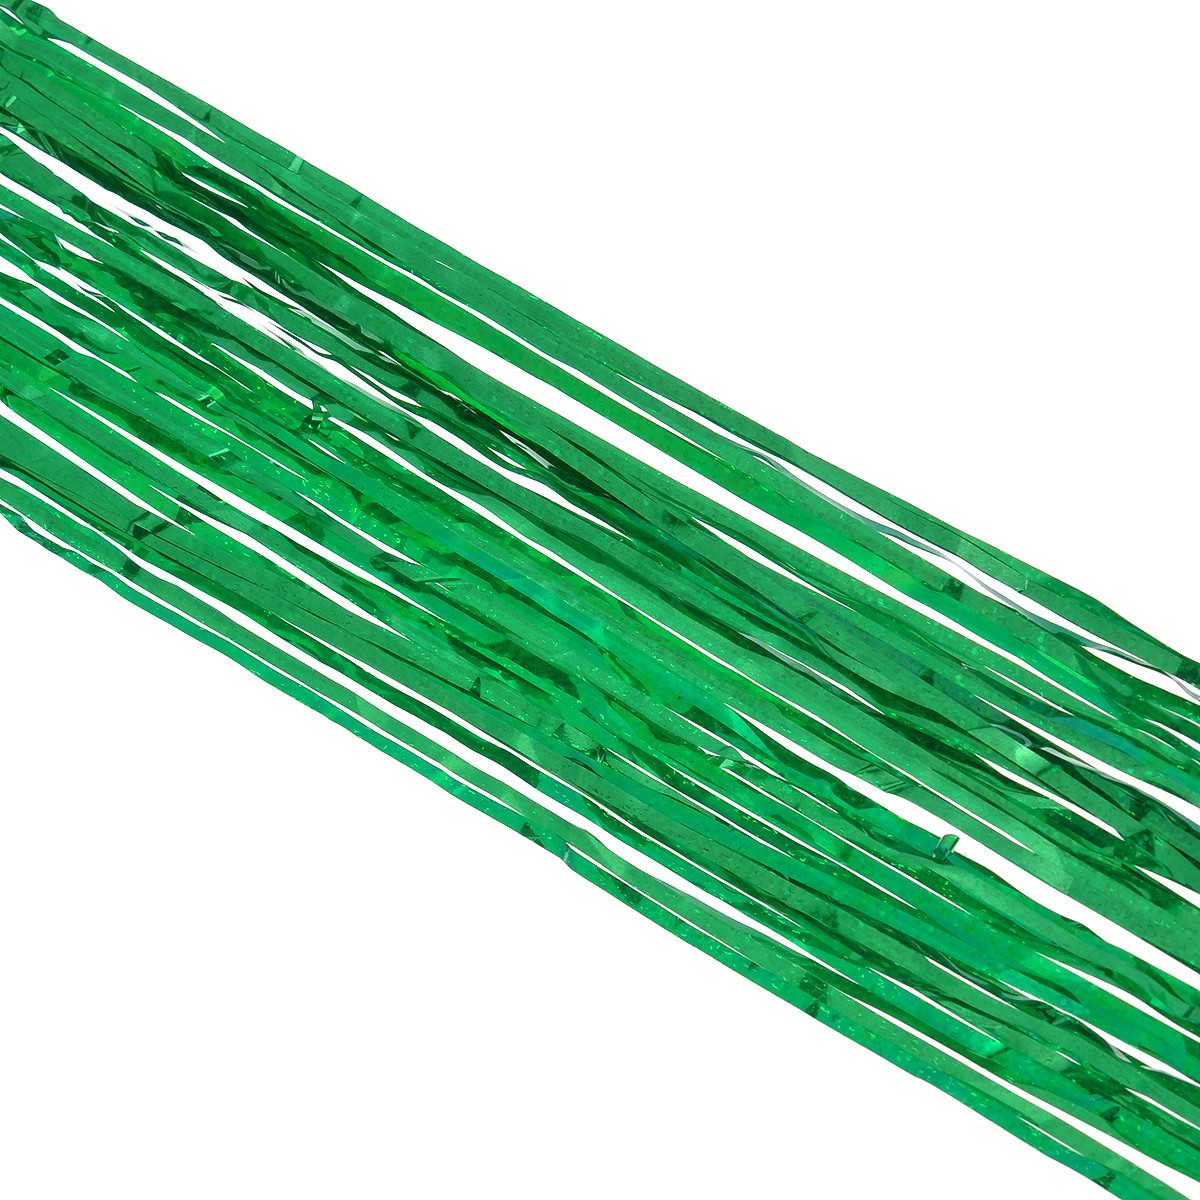 Дождик новогодний Sima-land, цвет: зеленый, 15 х 100 см. 702534702534Новогодний дождик Sima-land, изготовленный из фольги, поможет вам украсить свой дом к предстоящим праздникам. Новогодняя елка с таким украшением станет еще наряднее. Новогодним дождиком можно украсить все, что угодно - елку, квартиру, дачу, офис - как внутри, так и снаружи. Можно сложить новогодние поздравления, буквы и цифры, дождиком можно украсить и дополнить гирлянды, можно выделить дверные колонны, оплести дверные проемы.Коллекция декоративных украшений из серии Зимнее волшебство принесет в ваш дом ни с чем не сравнимое ощущение праздника! Создайте в своем доме атмосферу тепла, веселья и радости, украшая его всей семьей.Ширина: 15 см.